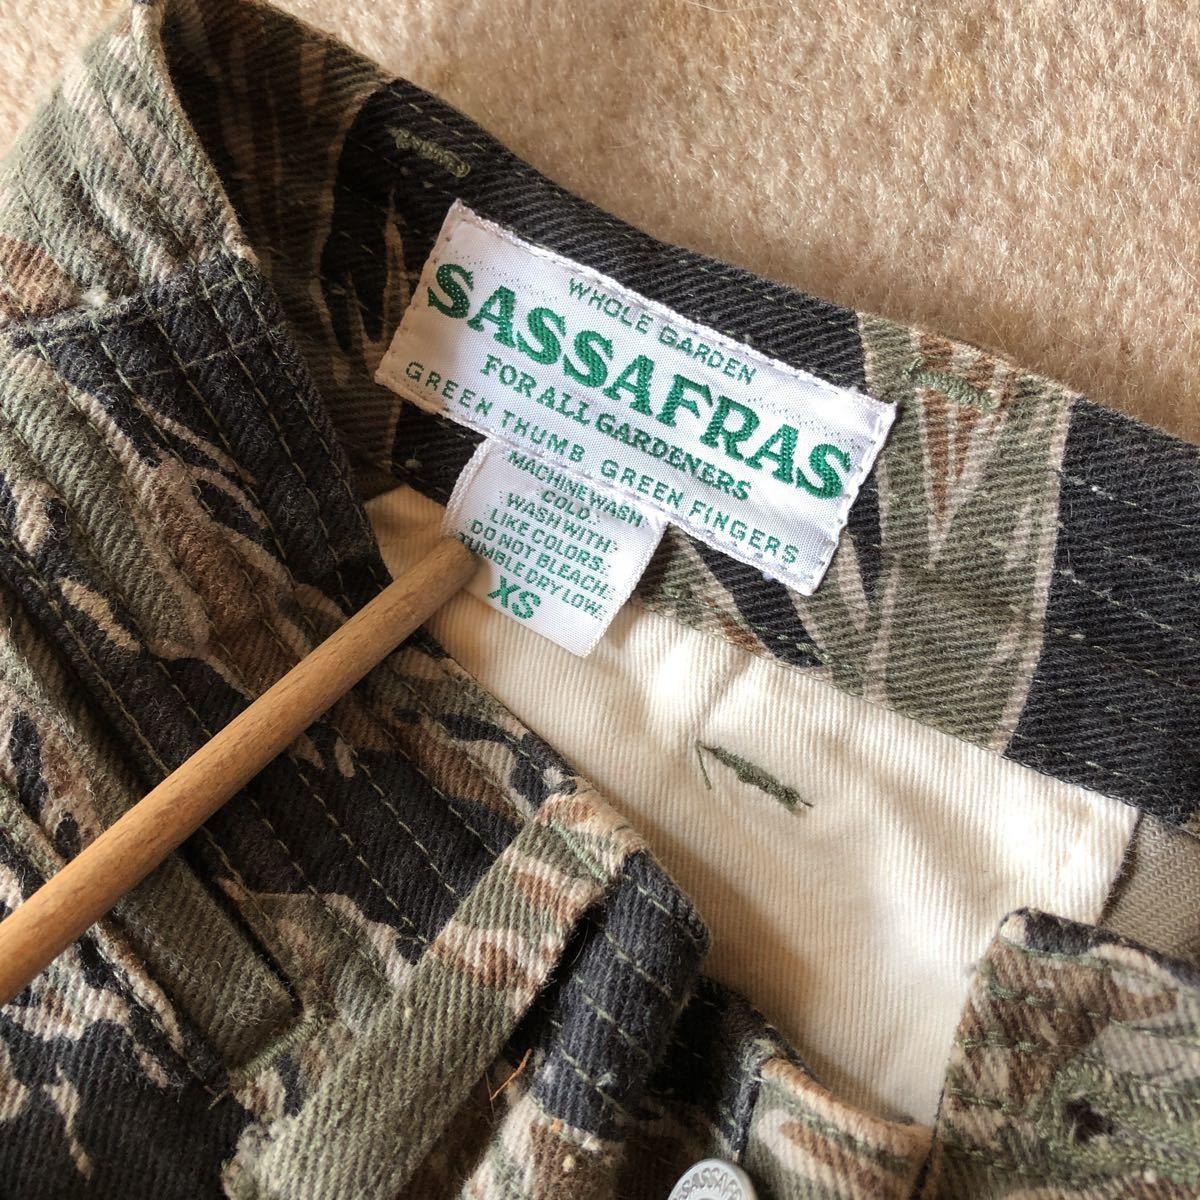 SASSAFRAS ササフラス FALL LEAF SPRAYER PANTS フォールリーフ スプレイヤーコットン パンツ タイガーカモ XSサイズ カーゴパンツ _画像3